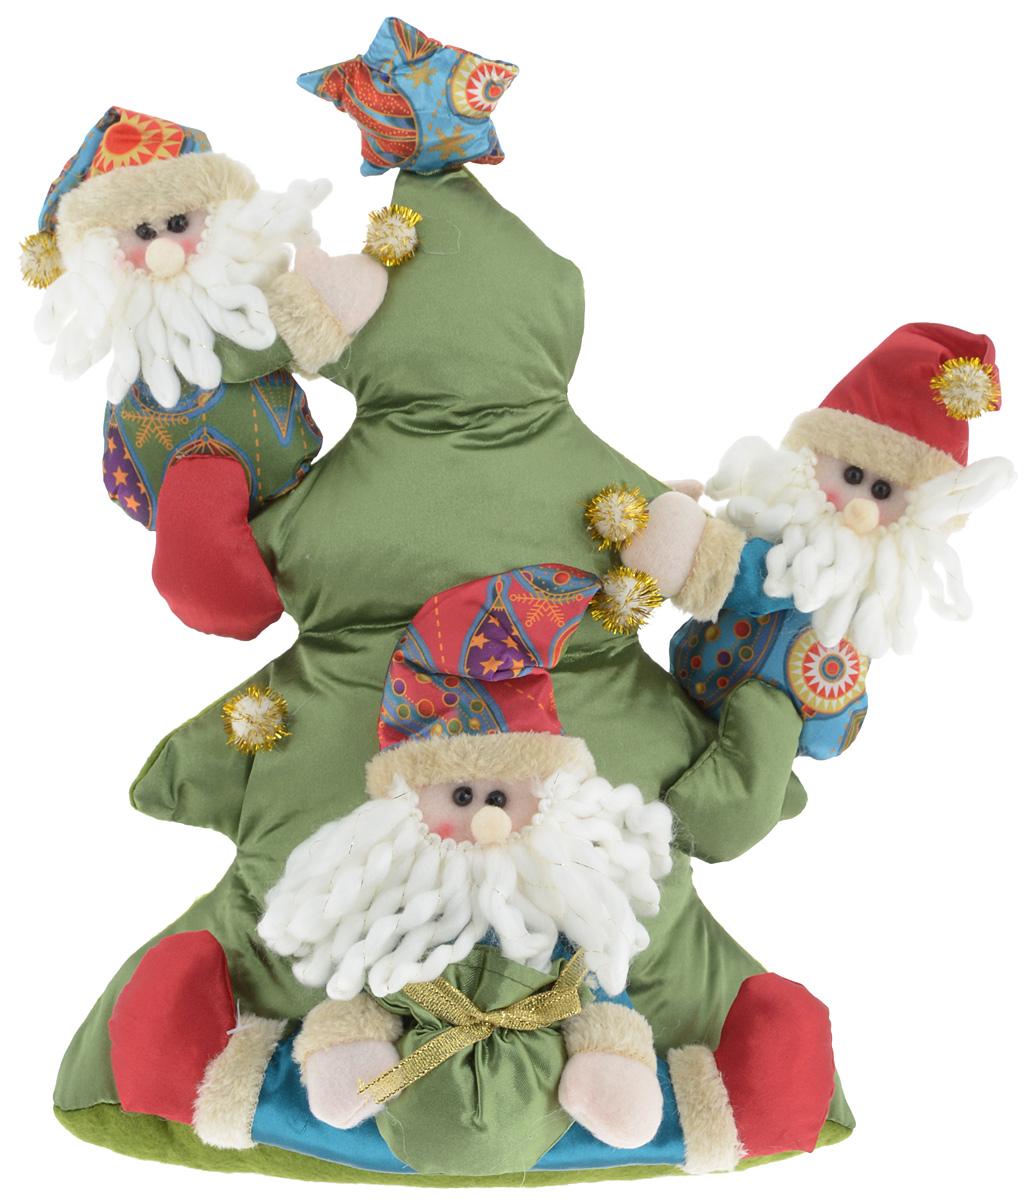 Украшение новогоднее декоративное Win Max Веселый праздник. Дед Мороз, высота 34 см украшение новогоднее настенное win max дед мороз 31 х 56 см